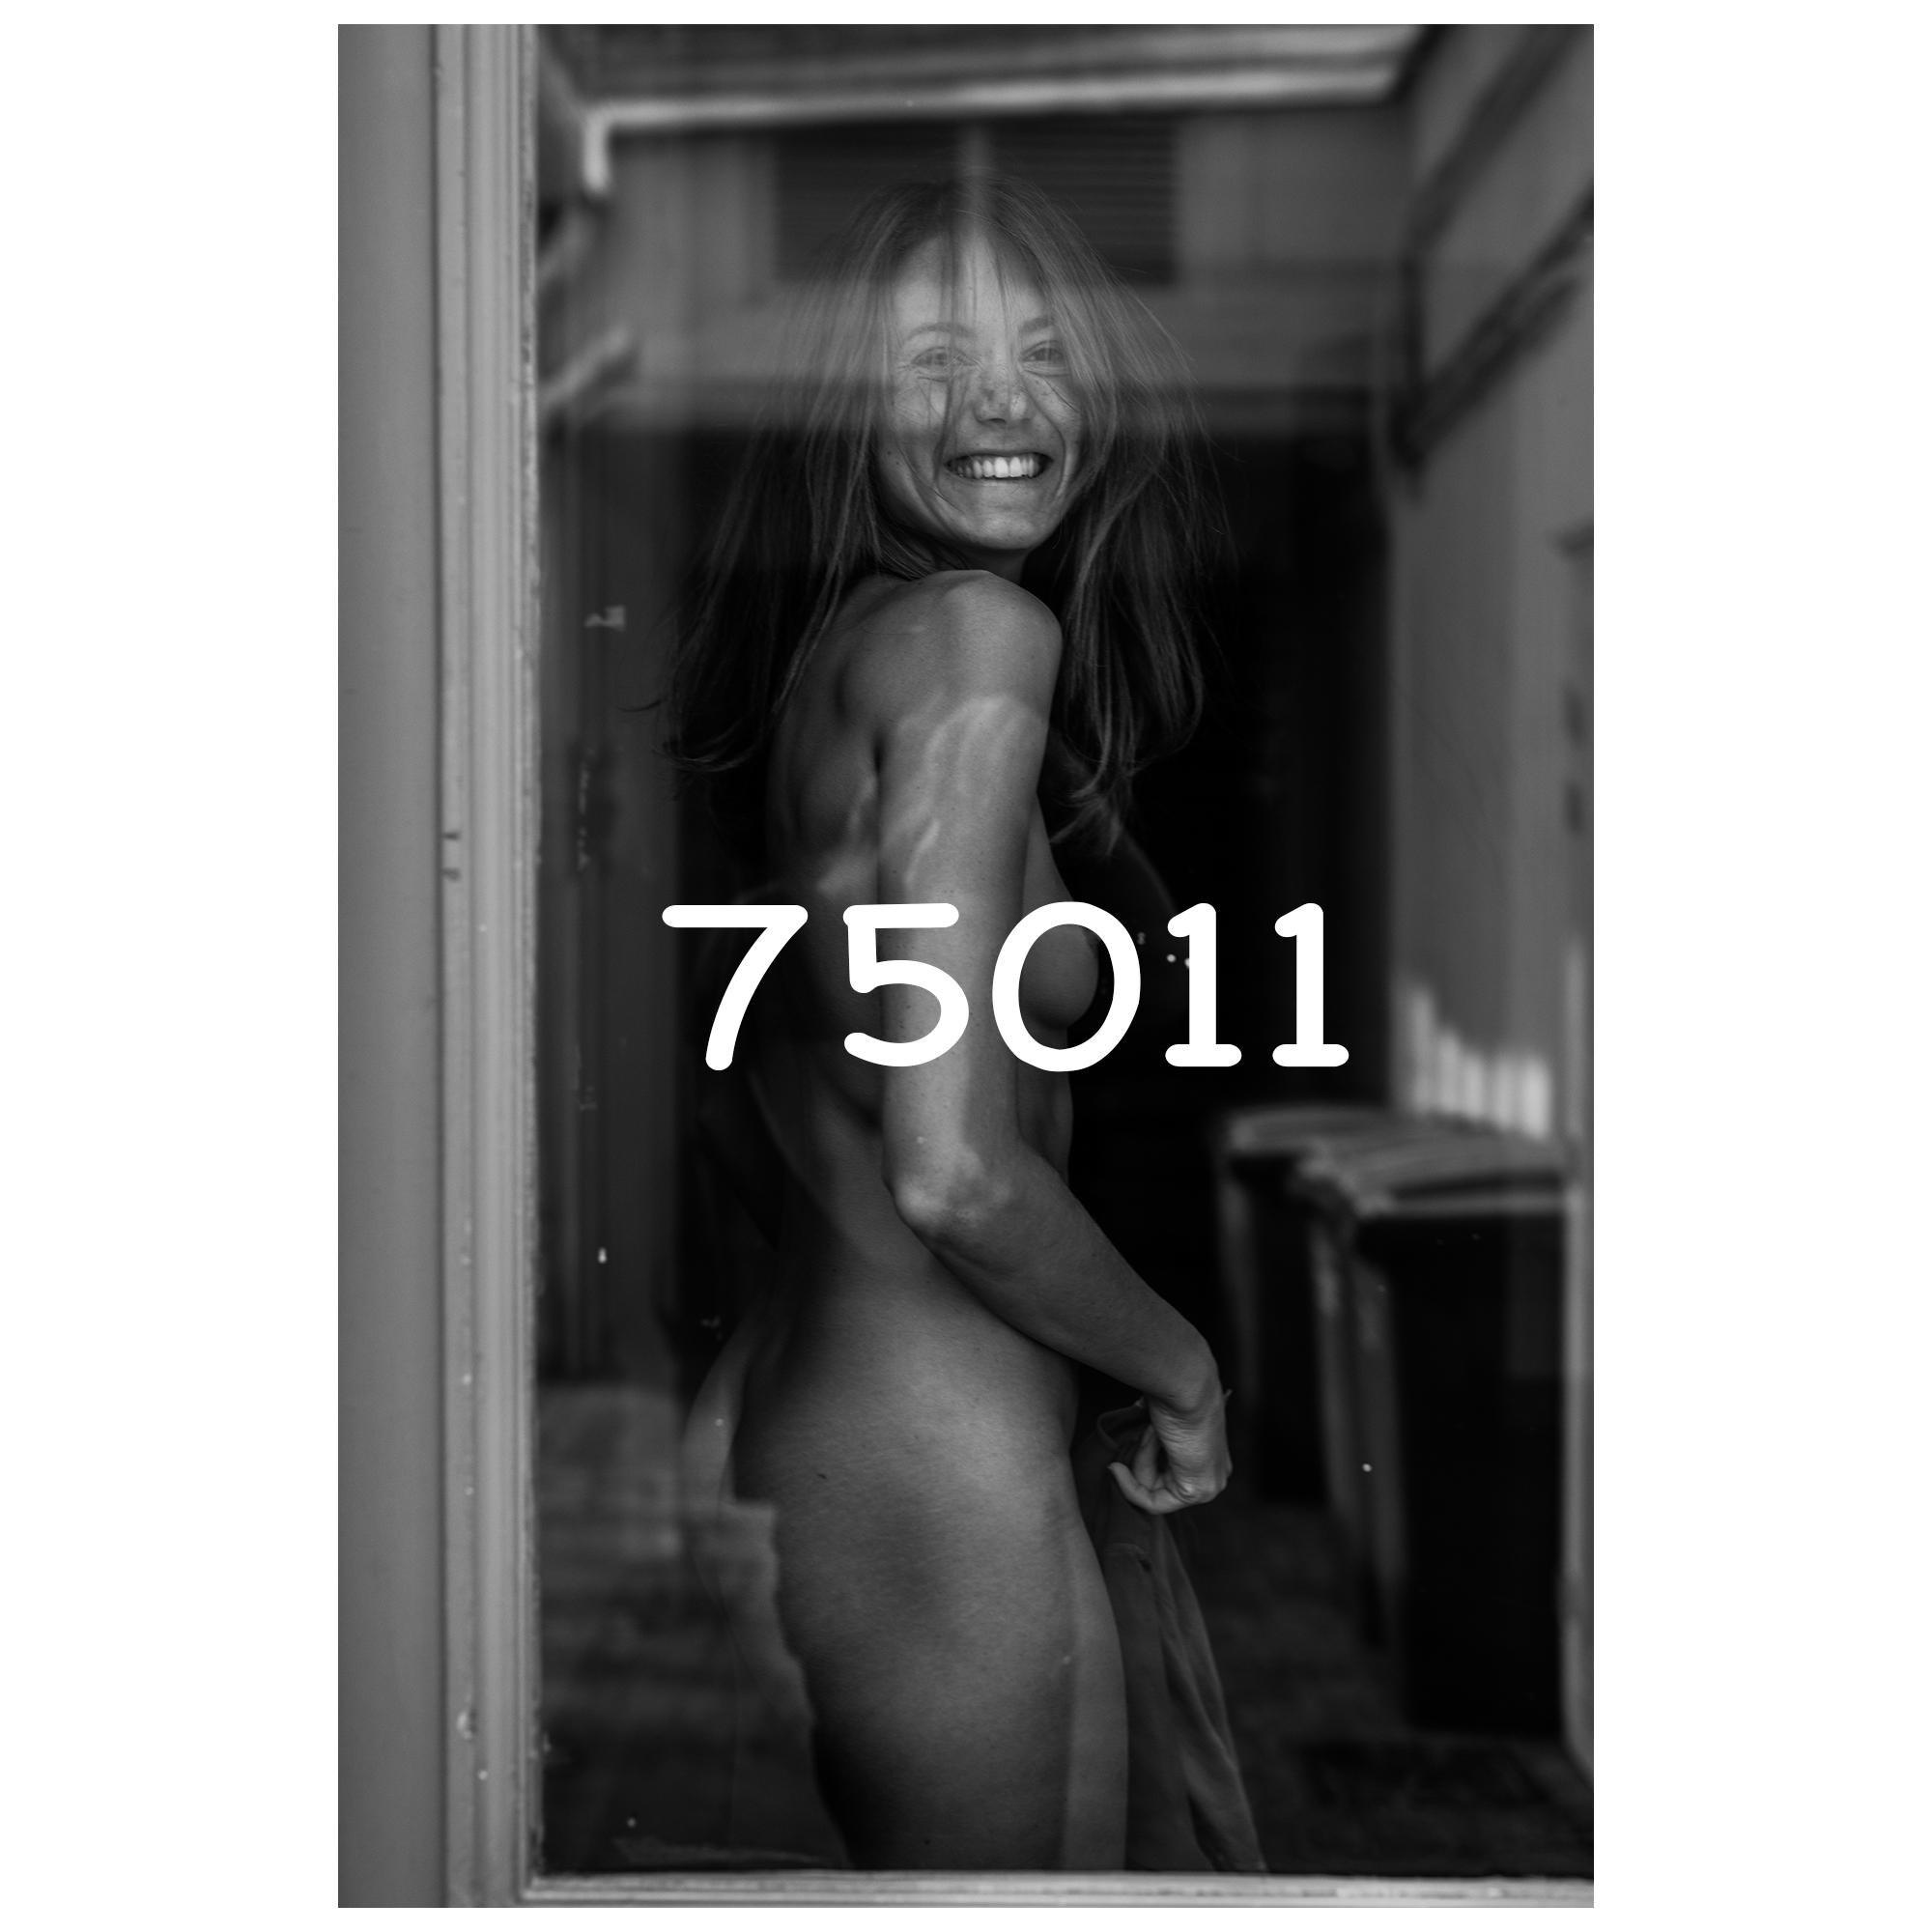 Joelle-3166-Edit.jpg